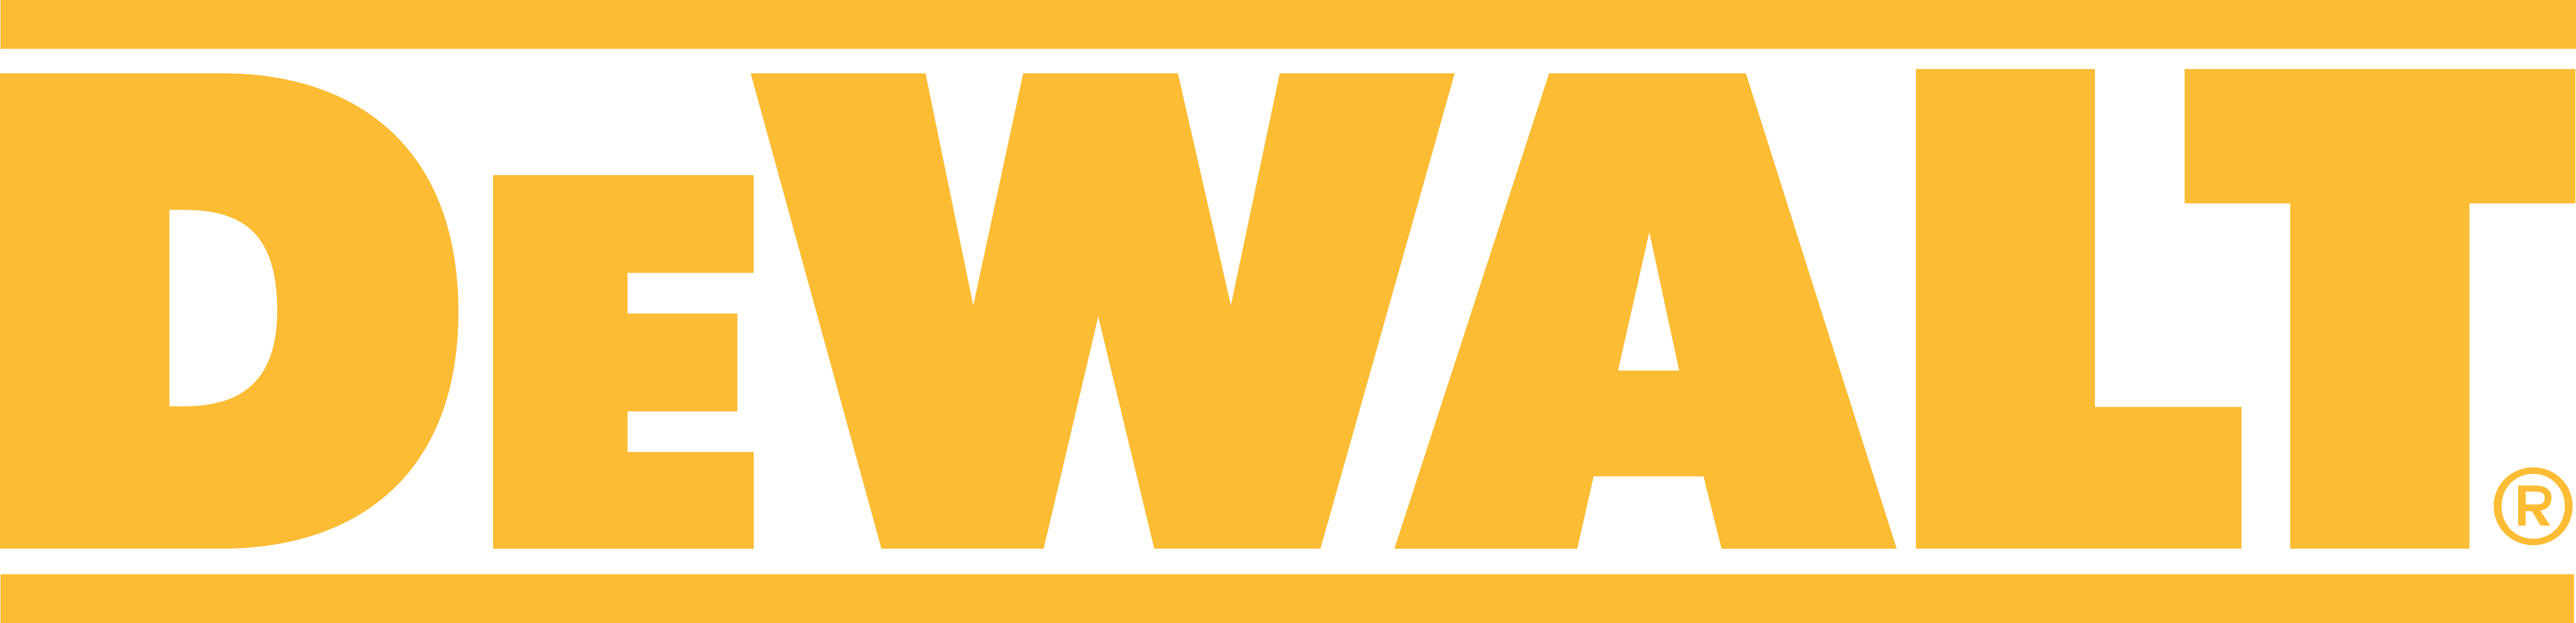 dewalt logo 3 - Dewalt Logo